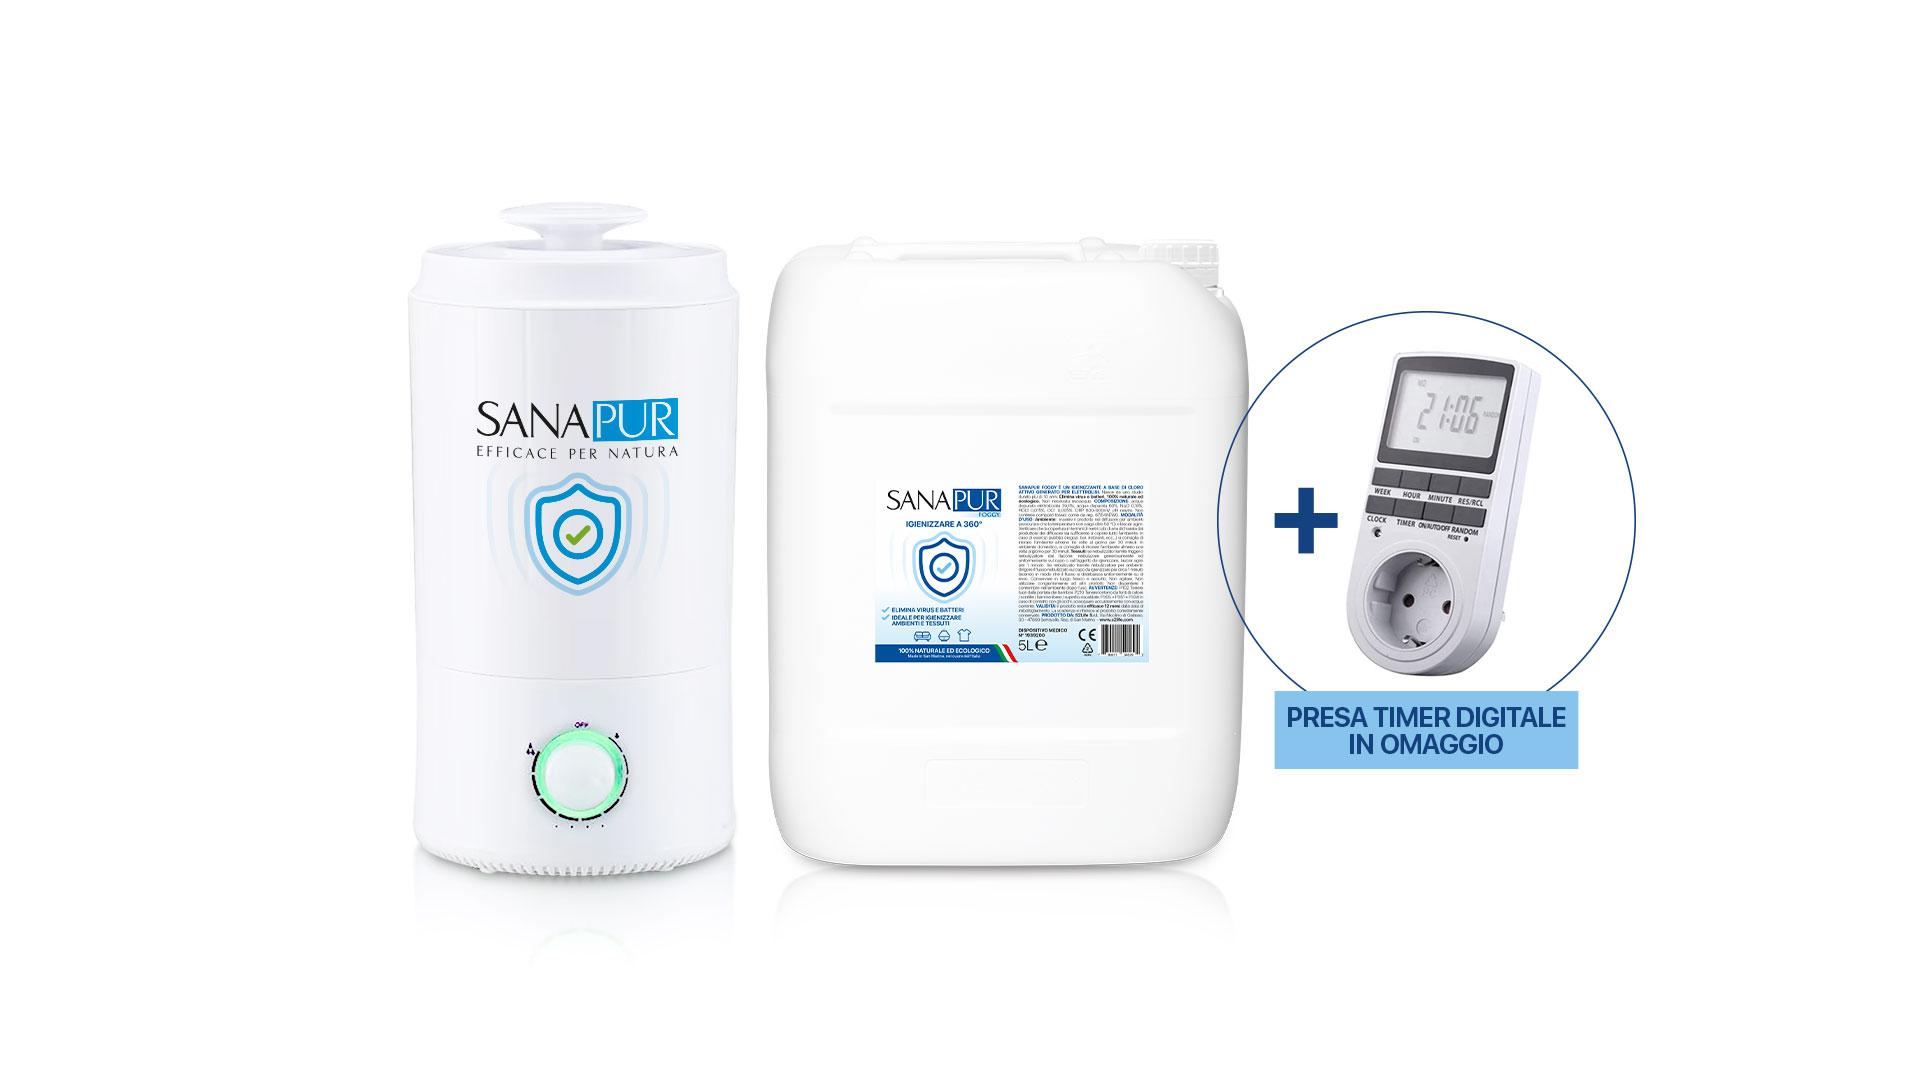 diffusore-tanica-5L-sanapur-foggy-omaggio